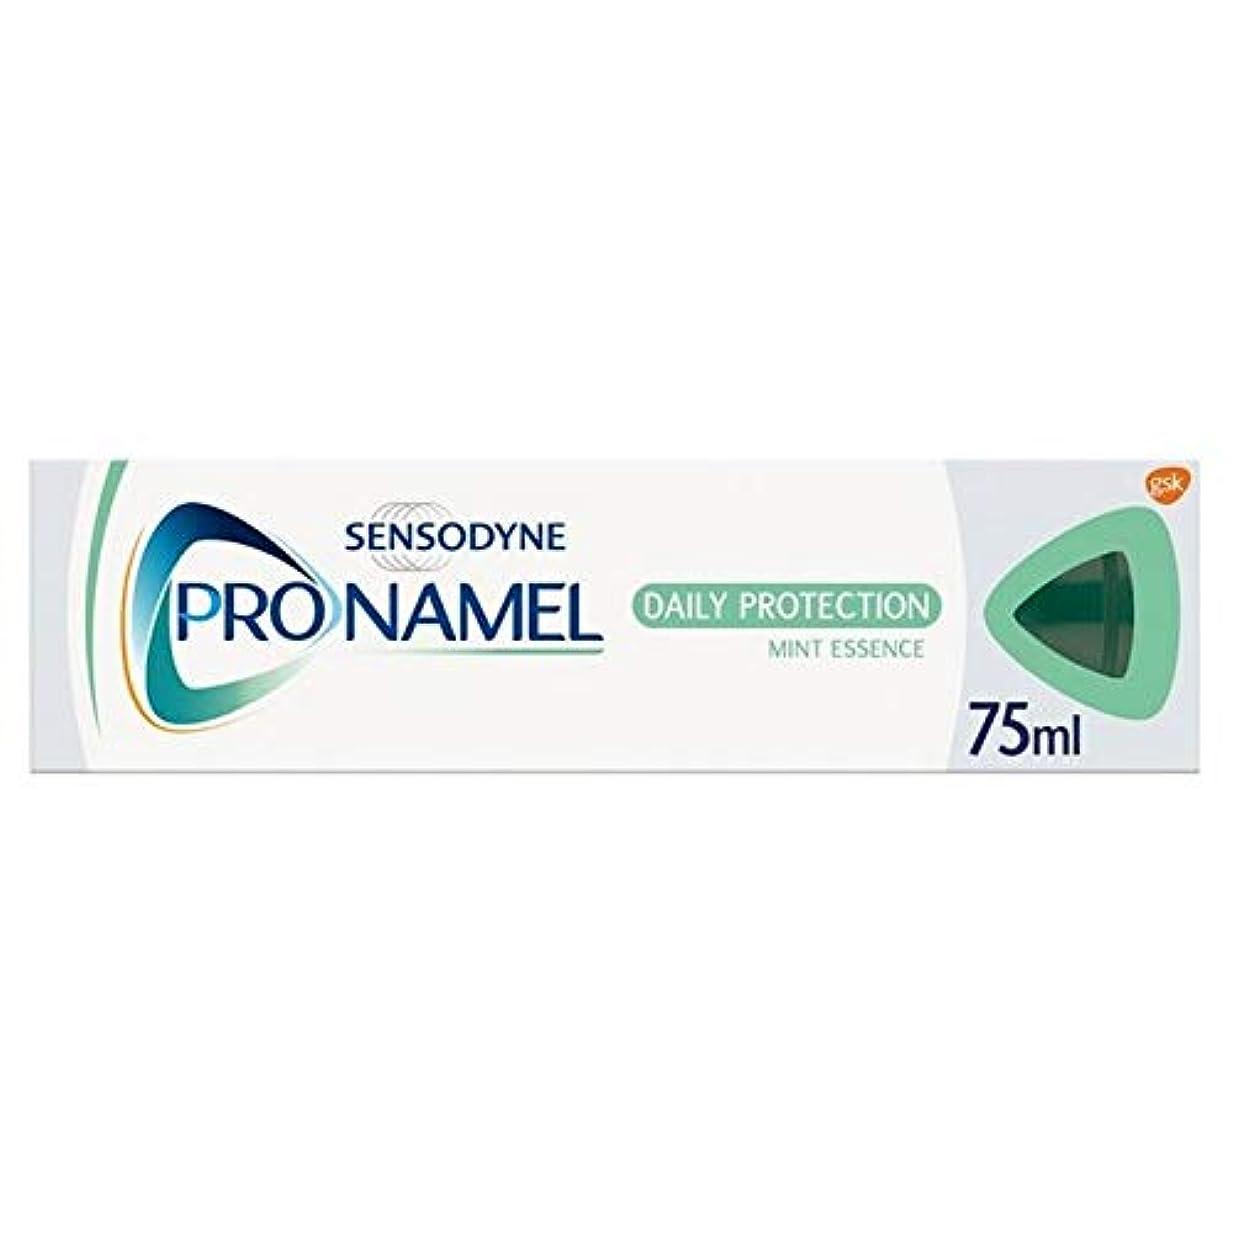 アコー城申し立てる[Sensodyne] SensodyneのPronamel毎日保護エナメルケア歯磨き粉75ミリリットル - Sensodyne Pronamel Daily Protection Enamel Care Toothpaste...